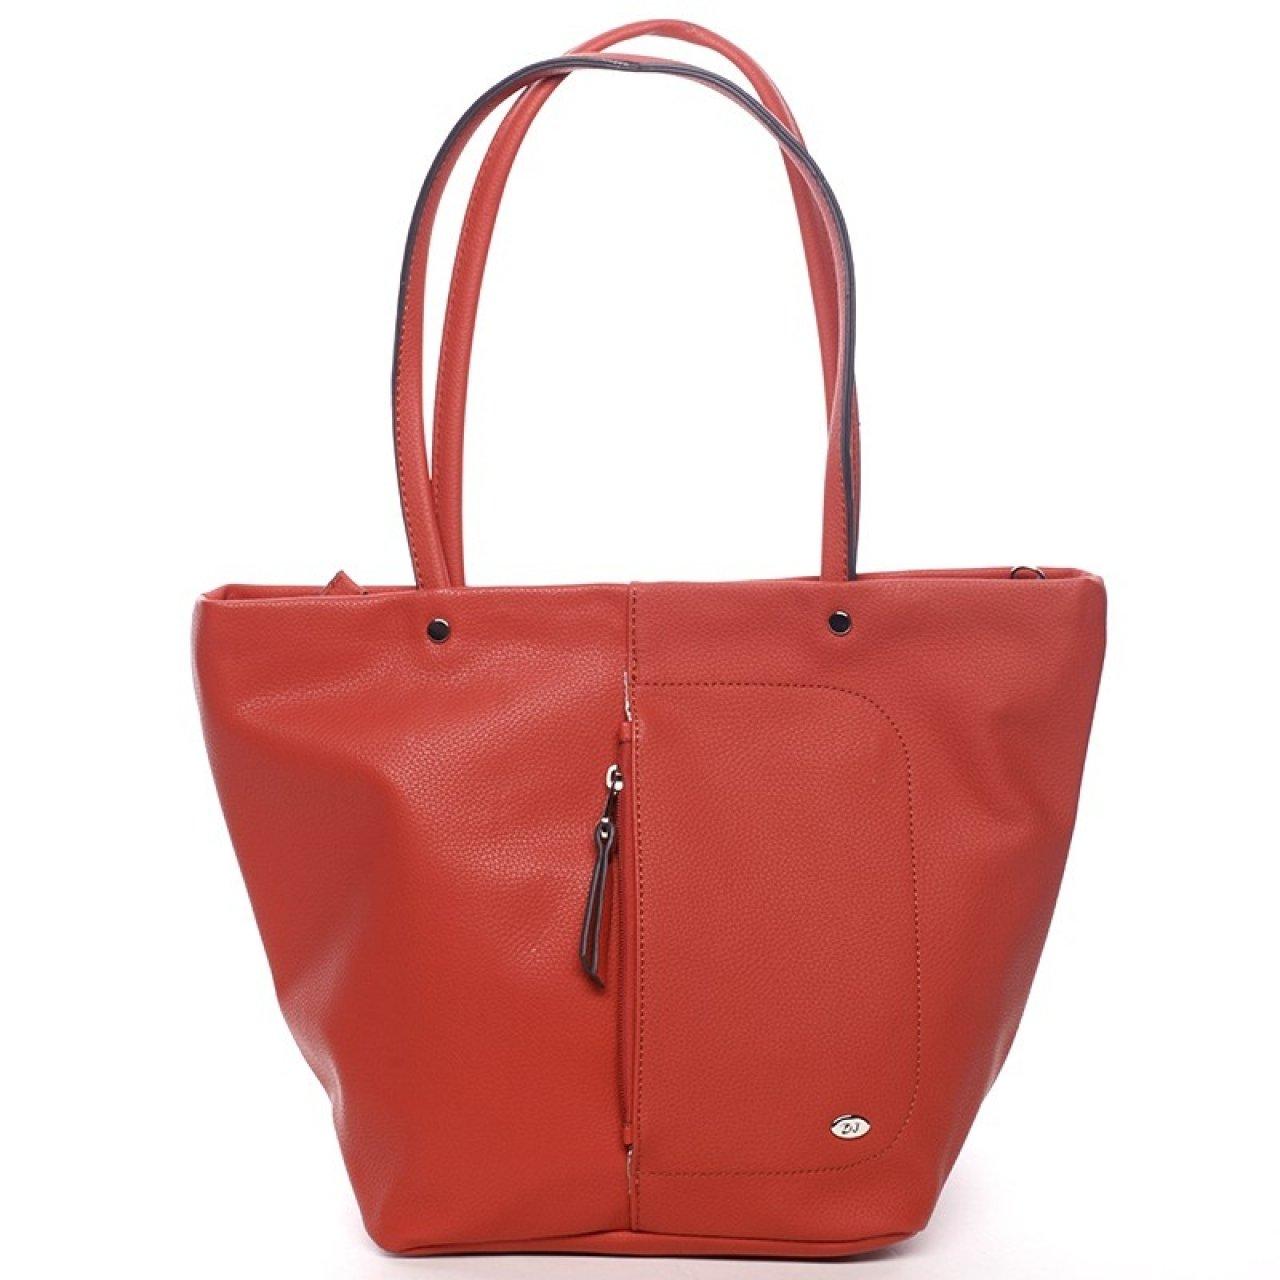 cd609fcfe3 Dámská kabelka David Jones Marny - červená